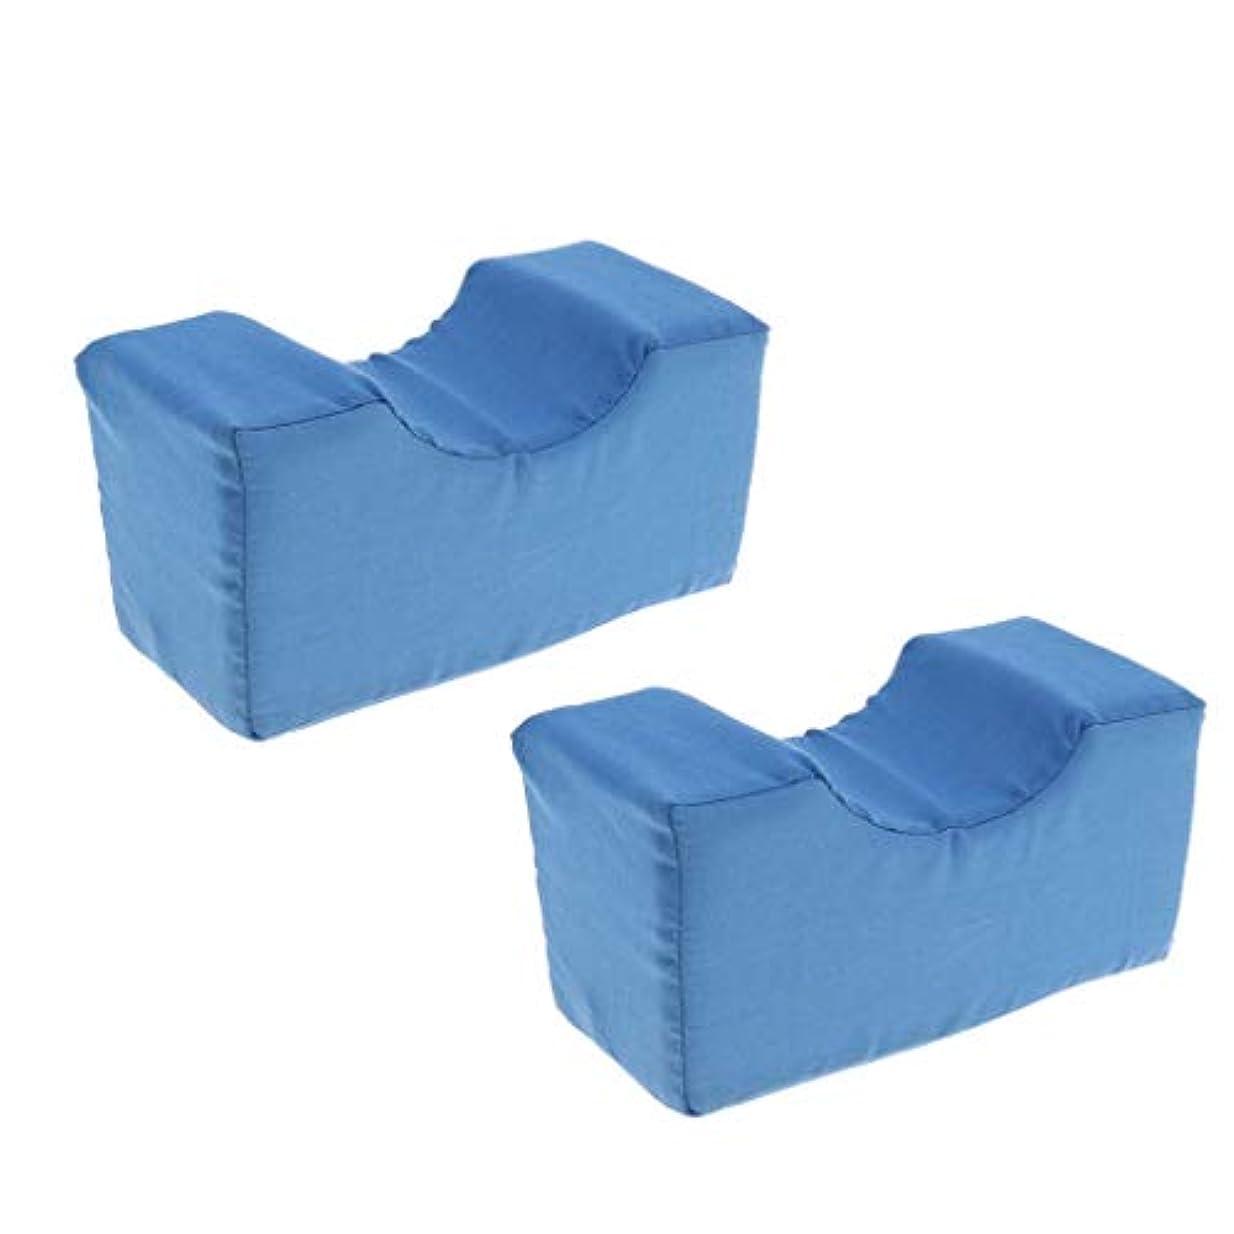 ステッチ無視できる不格好サイドスリーパー用2個の高密度フォームニーエレベーター枕-床ずれ防止、妊娠、ヒップ&坐骨神経痛用の整形膝枕